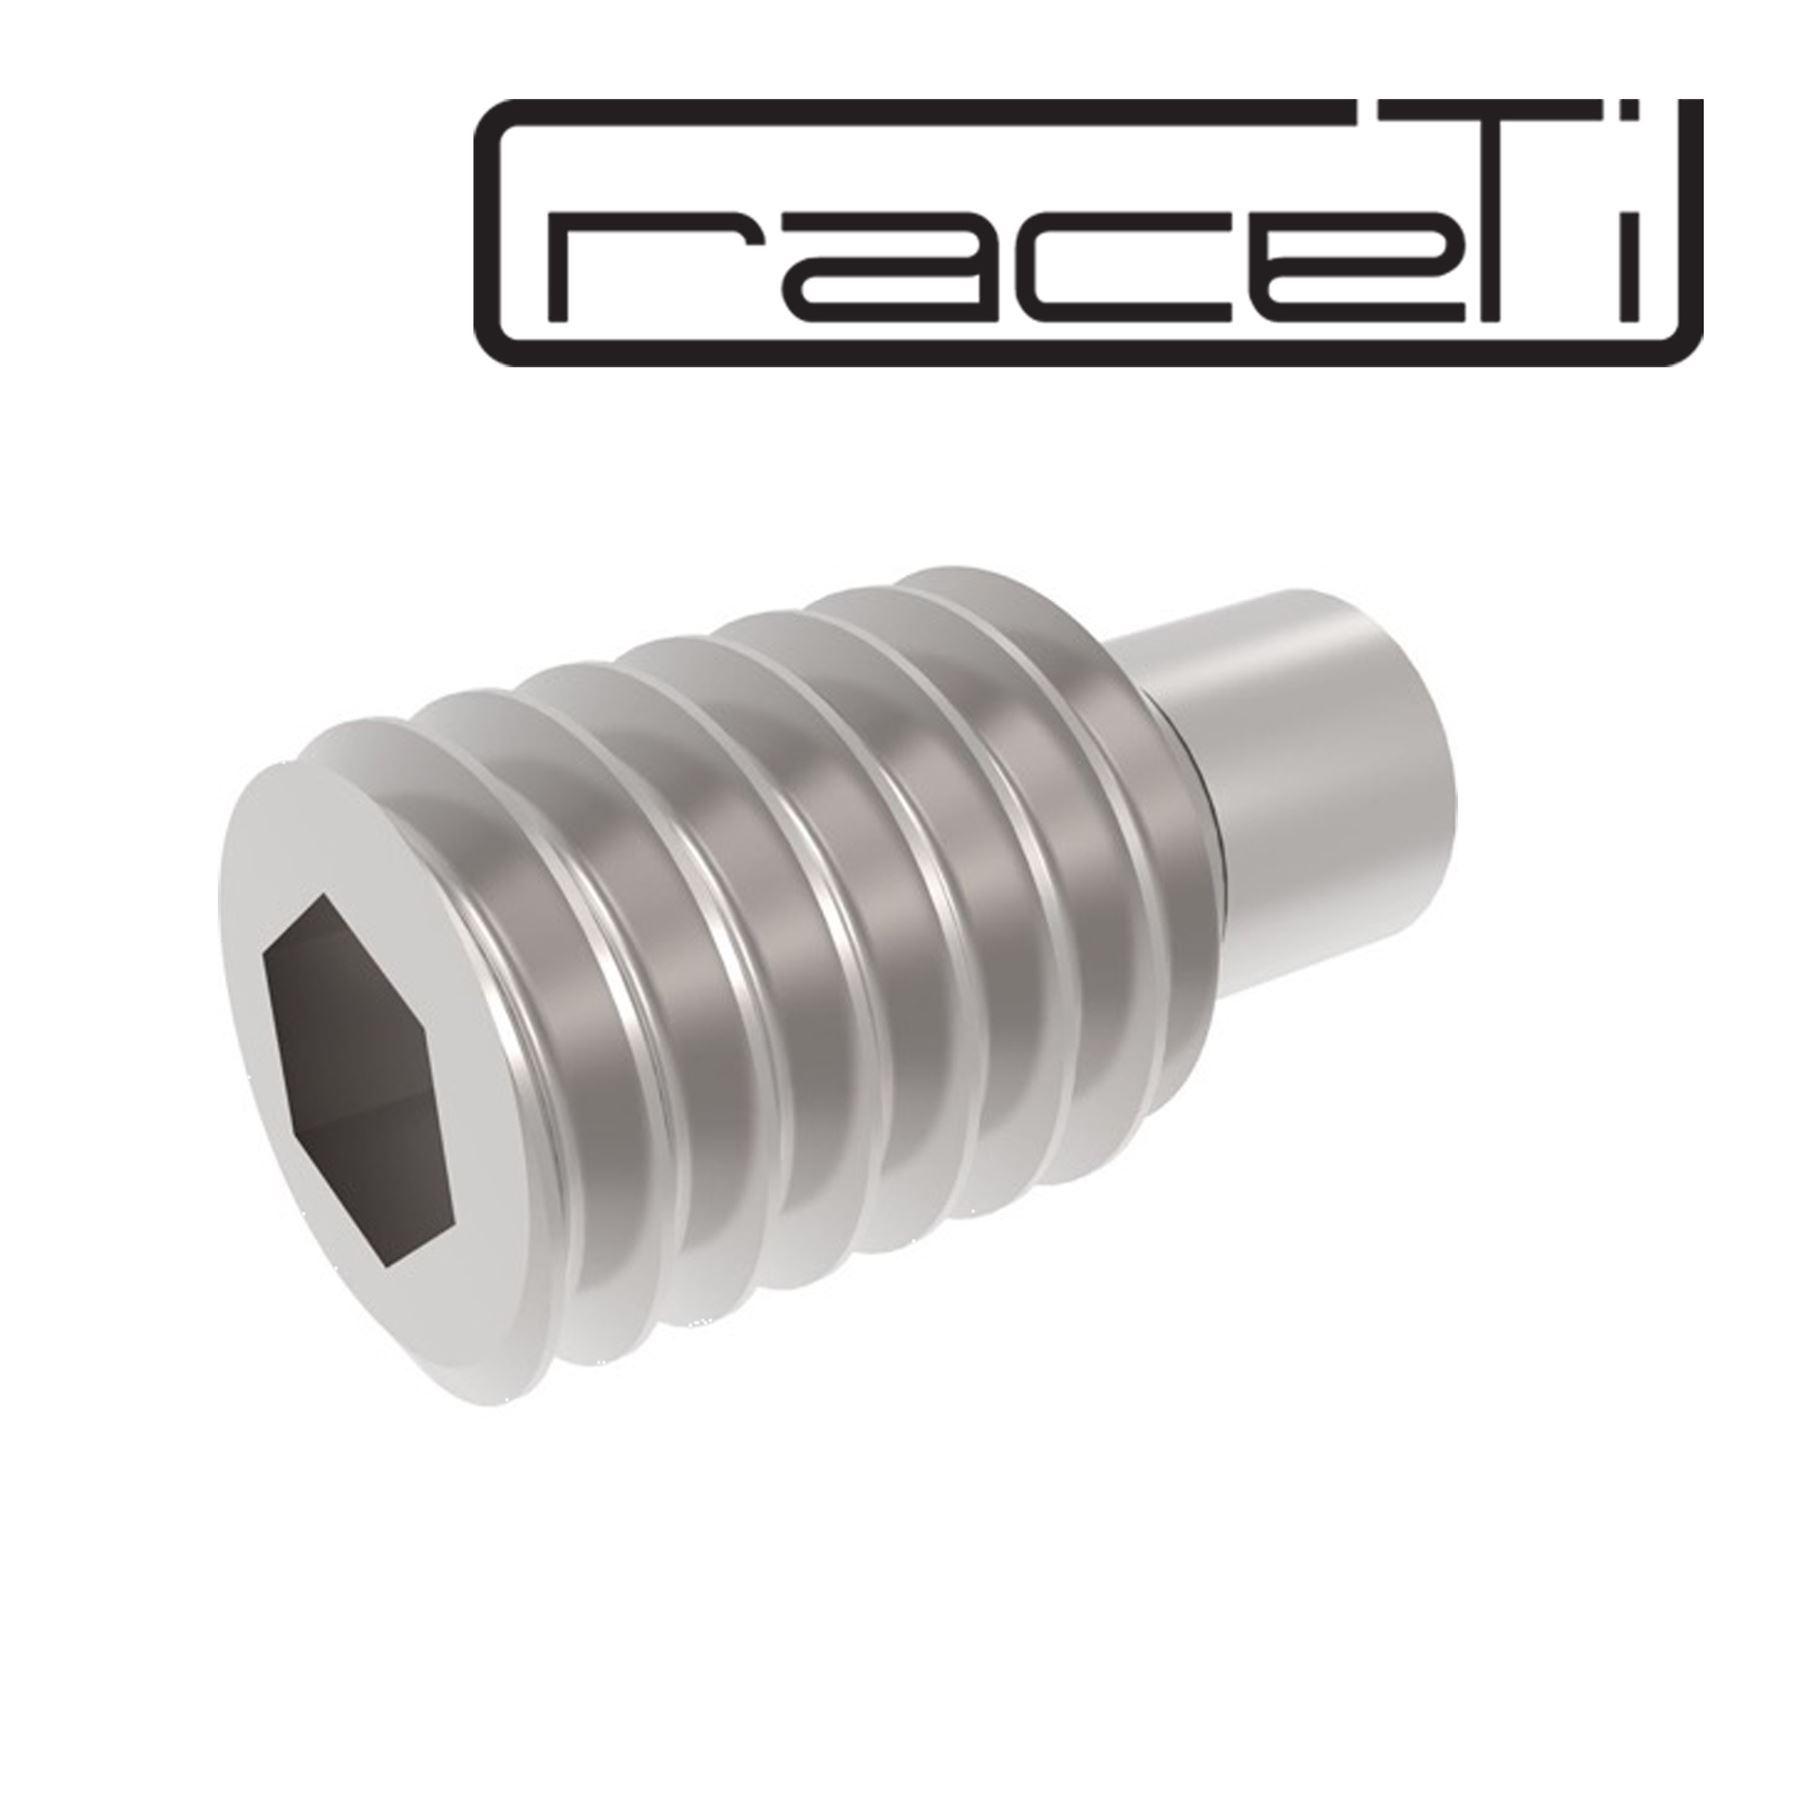 CNC Levier Pour Fox Choc Ctd avec Vis 210-15-057 /& 019-01-018 Pro Pédale